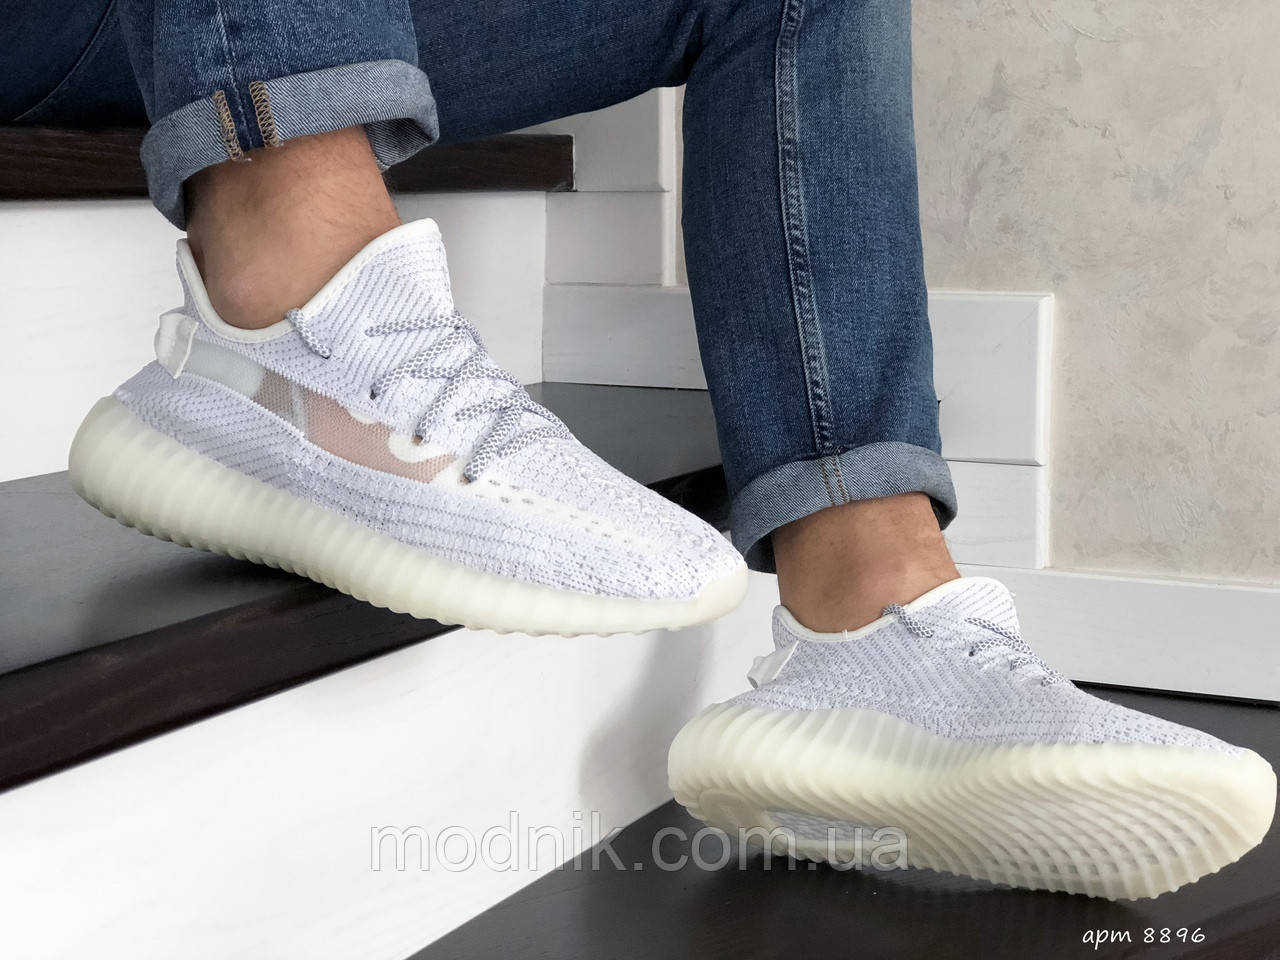 Мужские кроссовки Adidas x Yeezy Boost (белые)